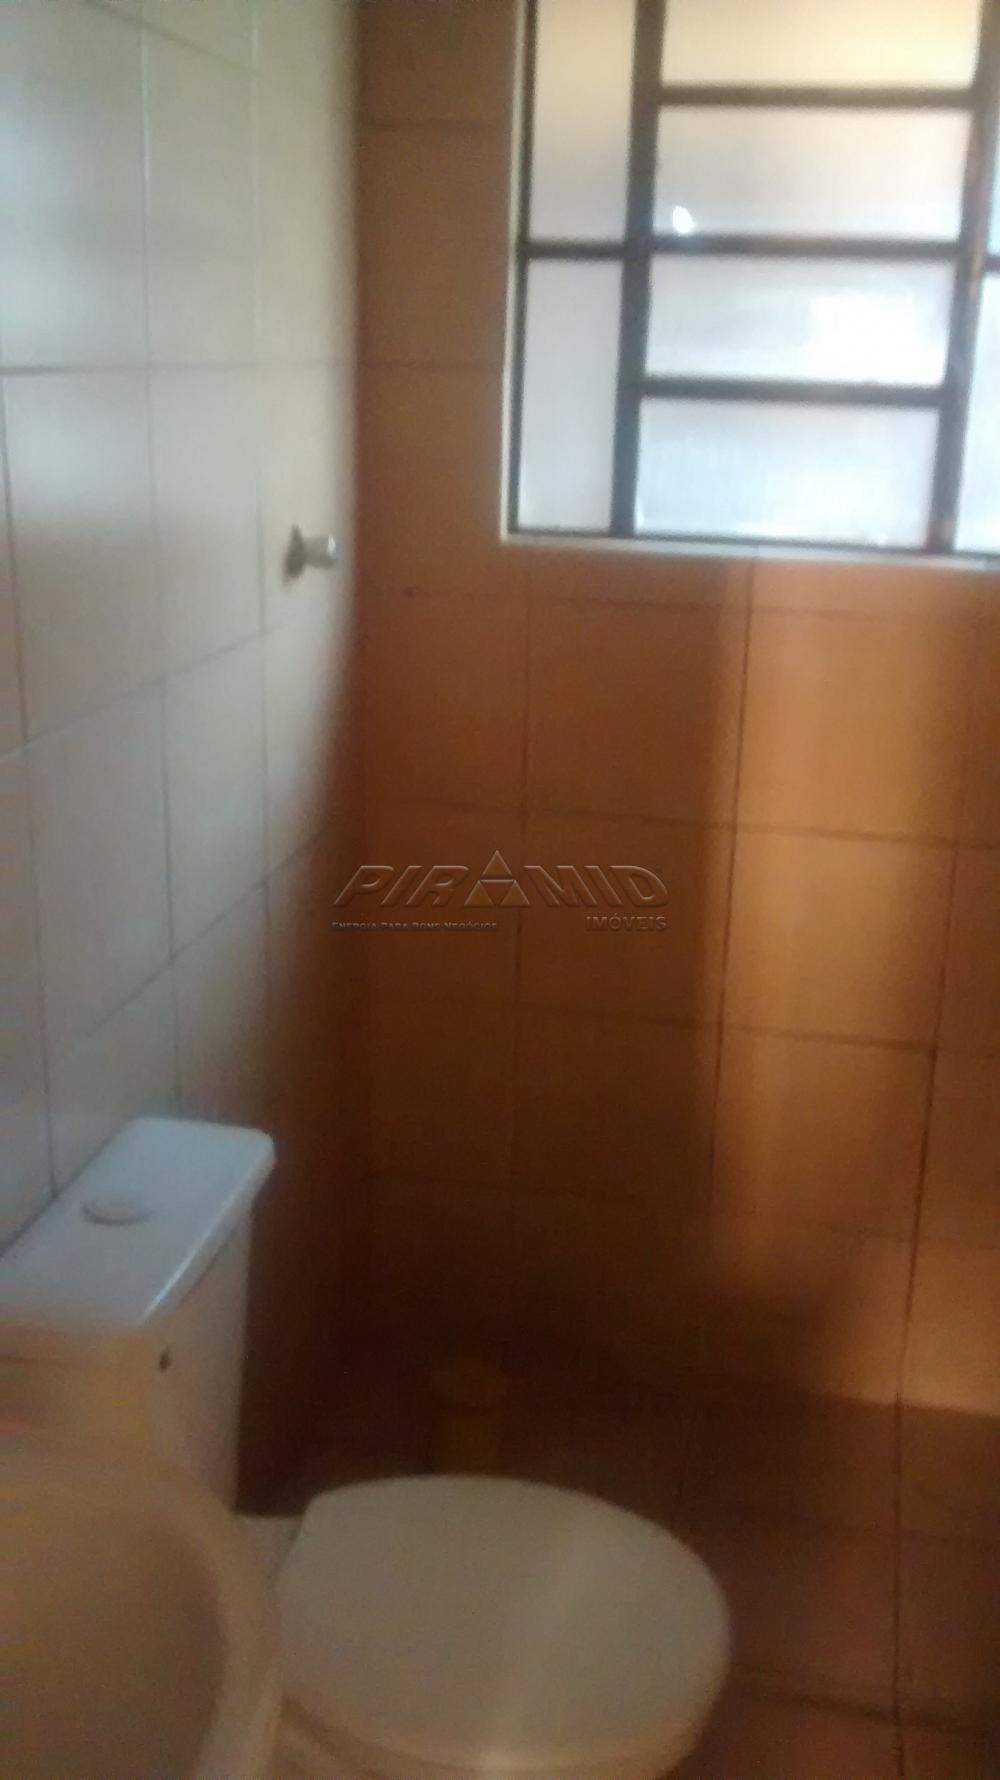 Comprar Casa / Padrão em Ribeirão Preto R$ 170.000,00 - Foto 10